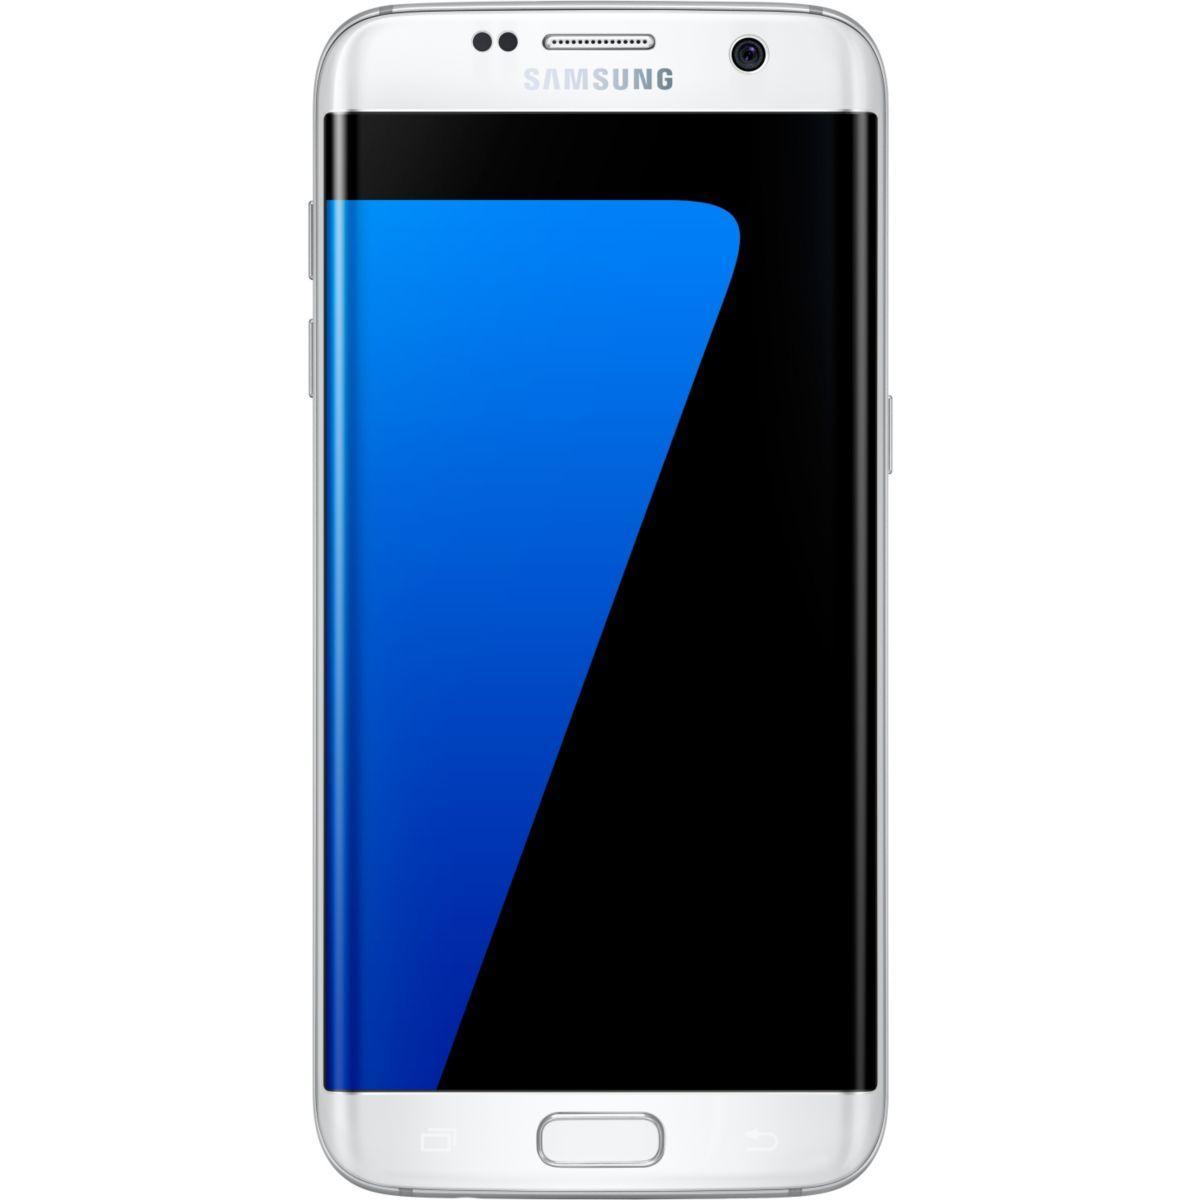 Pack promo smartphone samsung galaxy s7 edge 32go blanc + mémoire samsung micro sd 64go evo plus classe 10 + adapt - soldes et bonnes affaires à prix